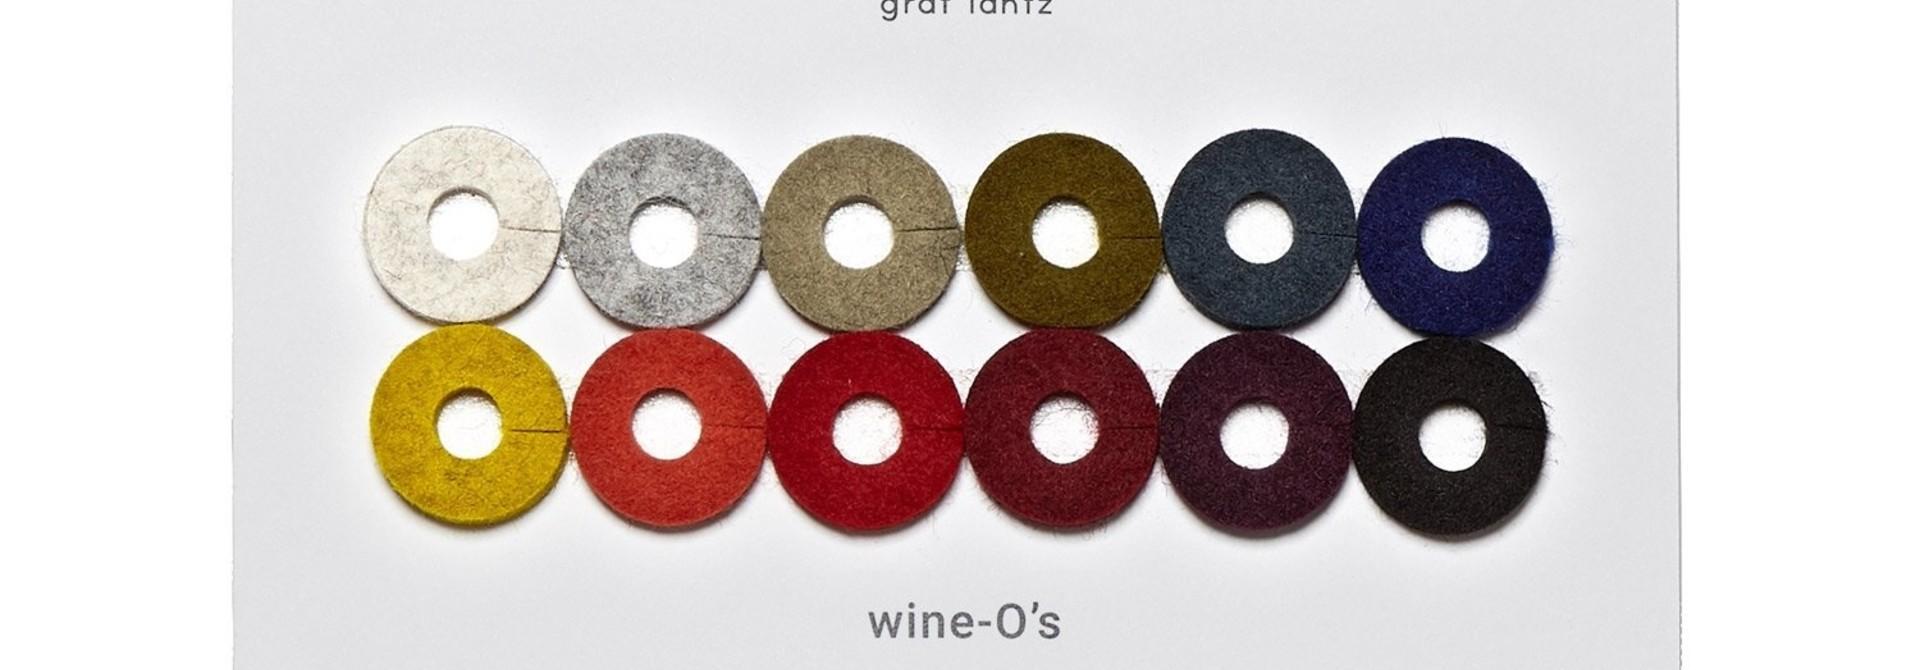 Felt Wine-O's Round - Autumn